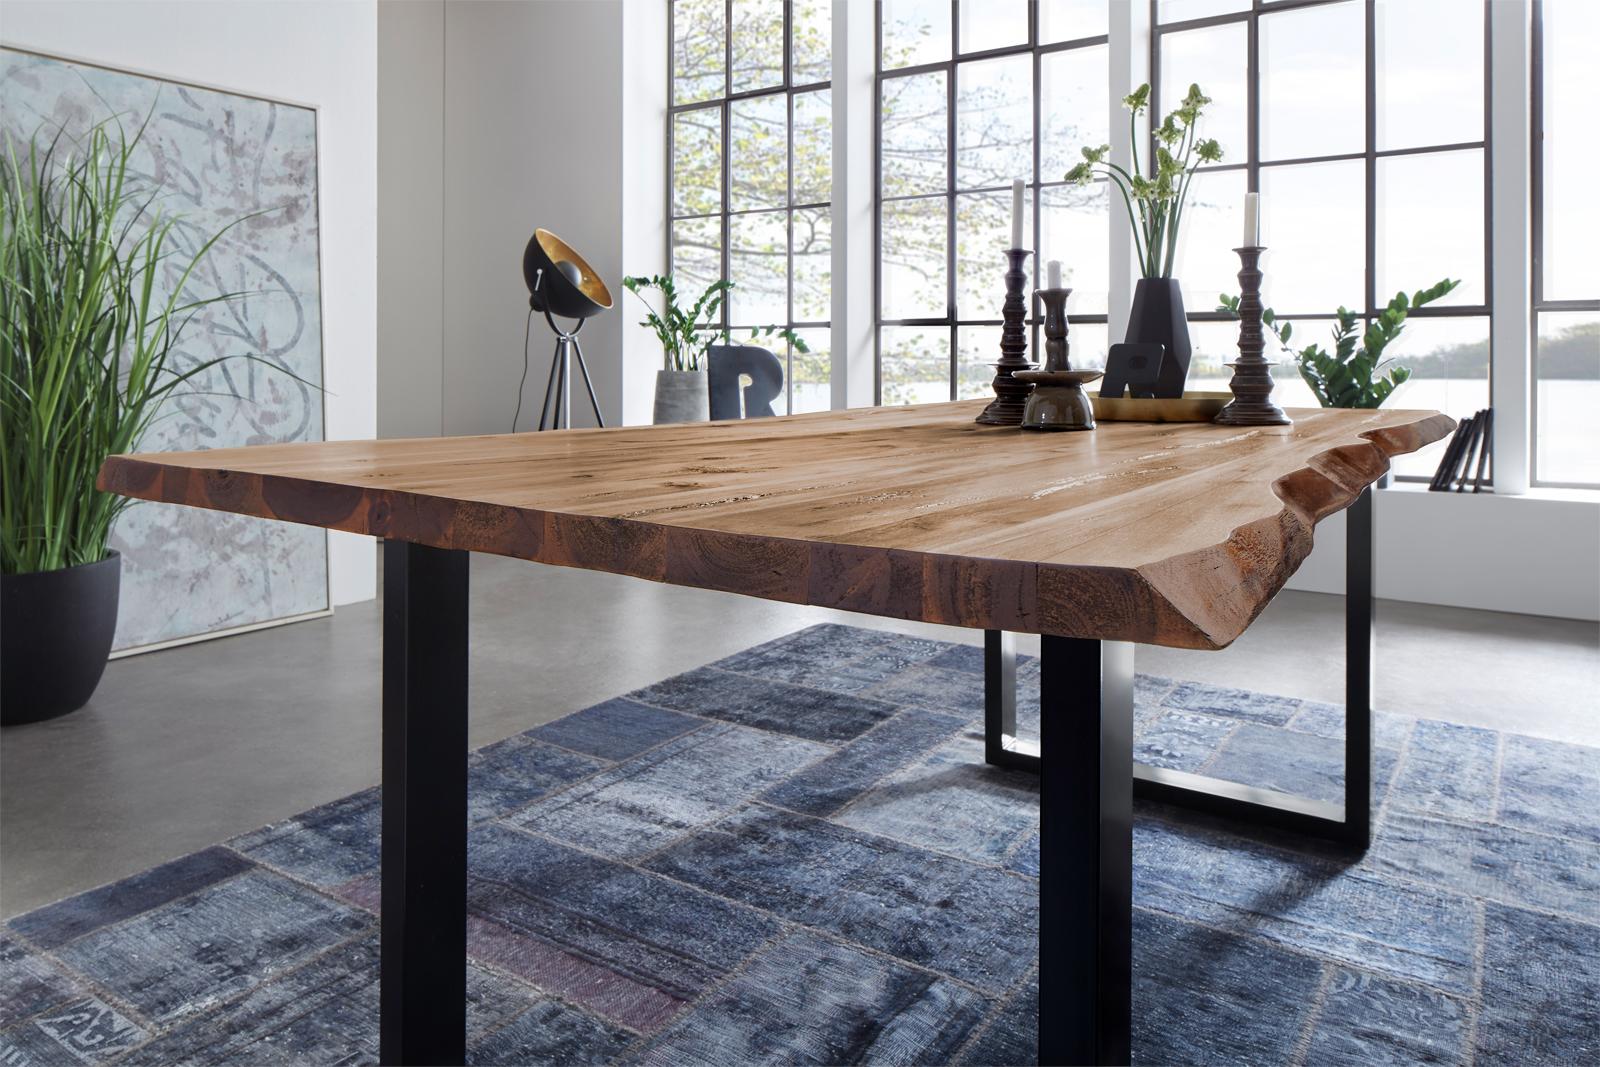 sam esstisch baumkante massiv akazie 200 x 100 cm schwarz noah demn chst. Black Bedroom Furniture Sets. Home Design Ideas